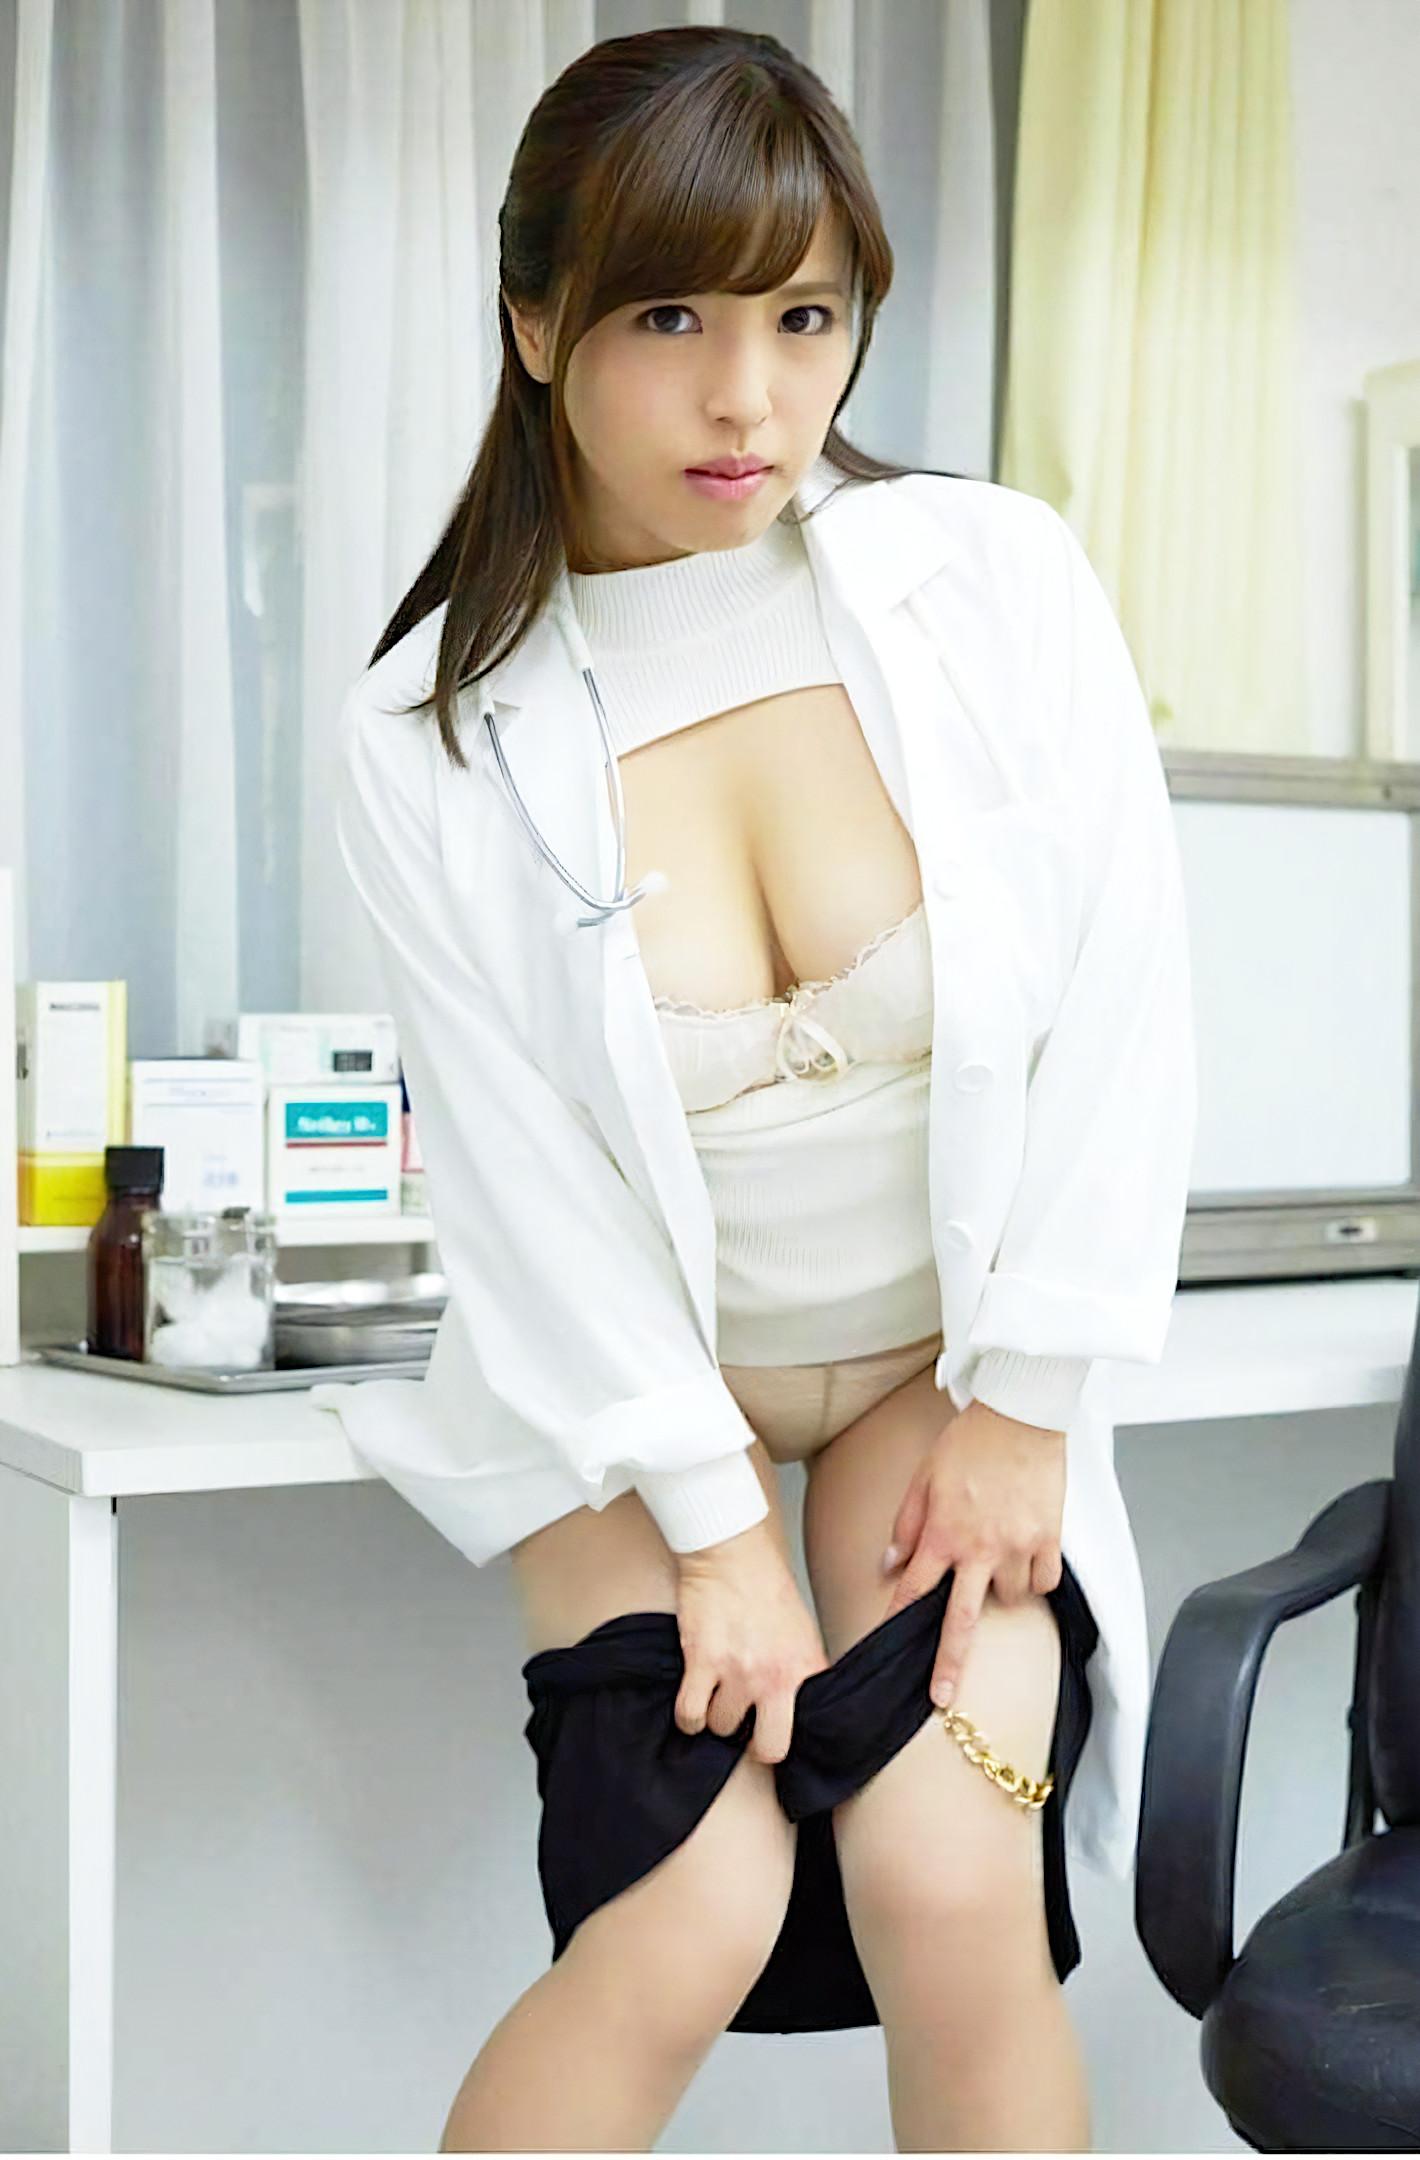 エッチな女医